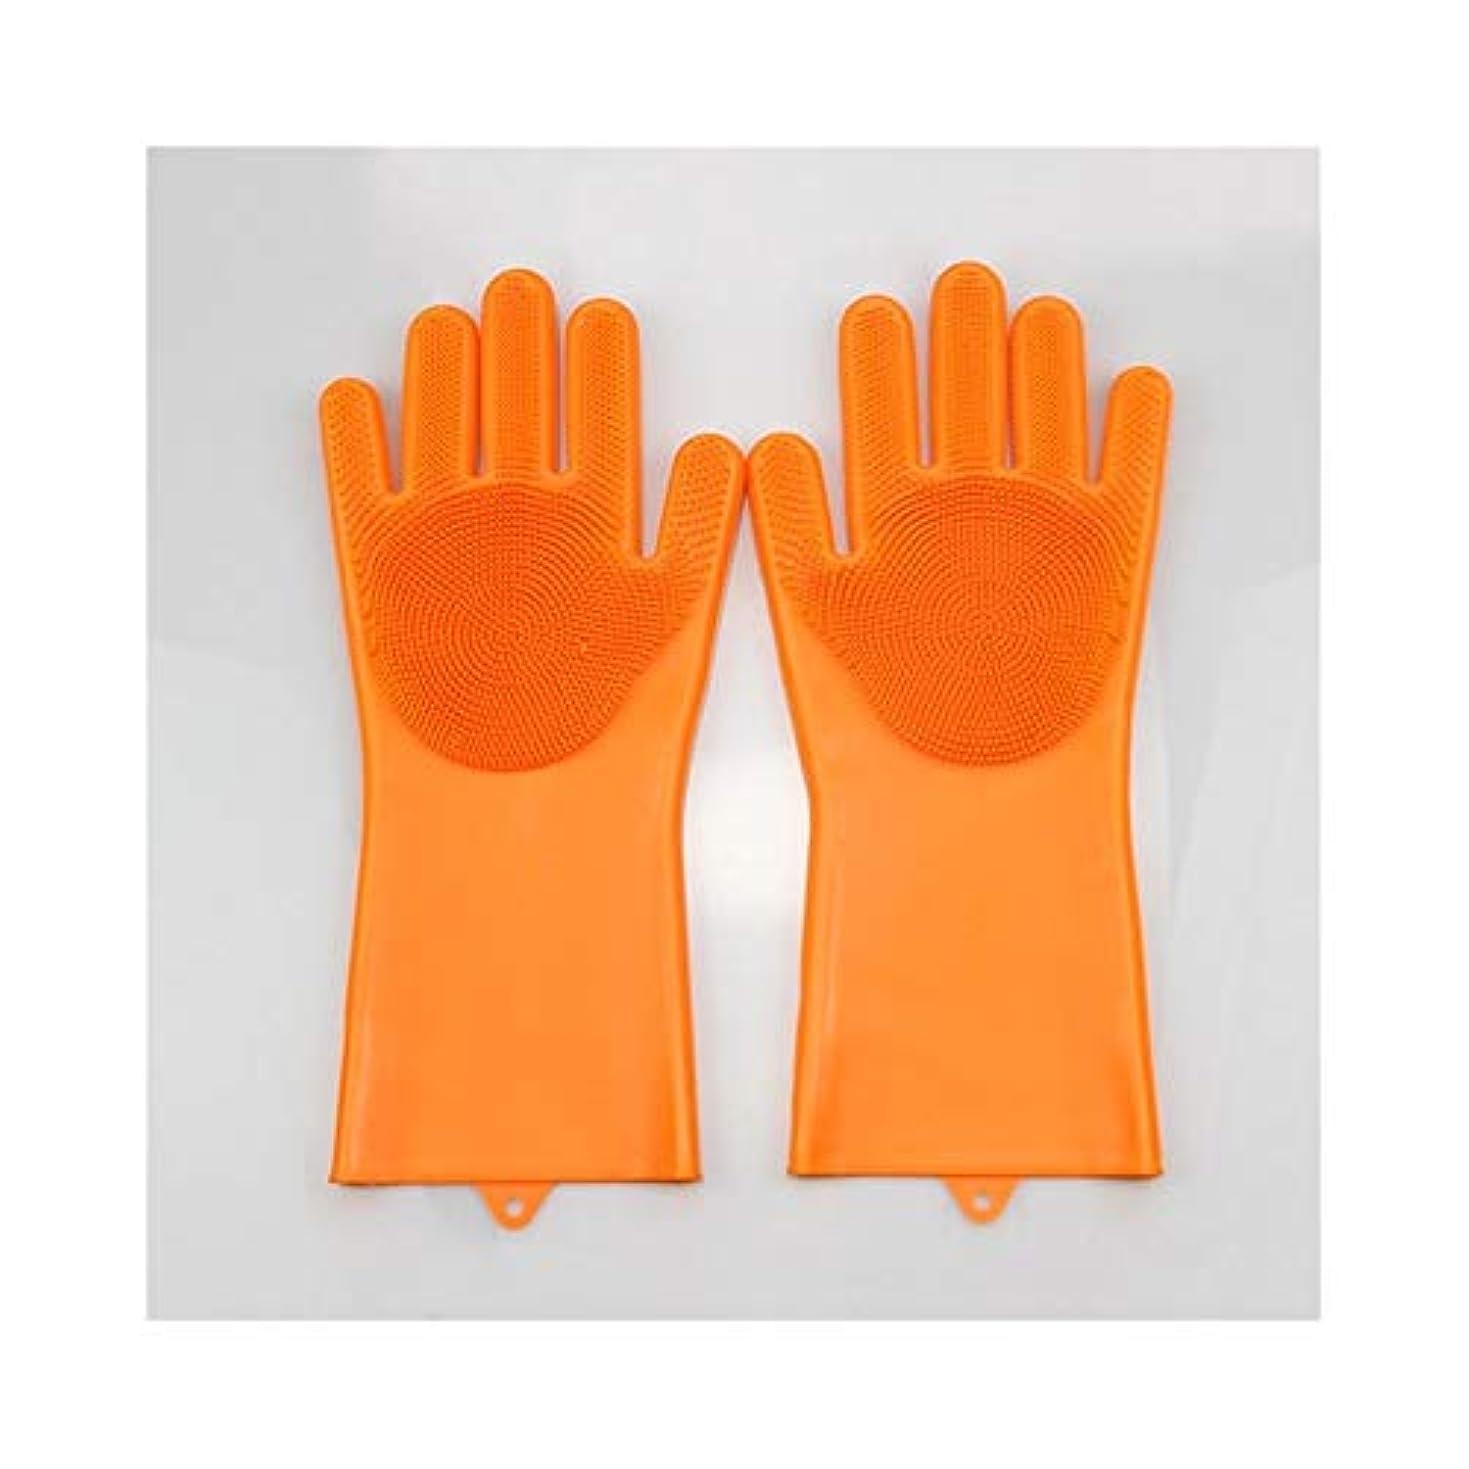 行列代替案肯定的BTXXYJP キッチン用手袋 手袋 掃除用 ロング 耐摩耗 食器洗い 作業 掃除 炊事 食器洗い 園芸 洗車 防水 手袋 (Color : Orange, Size : L)